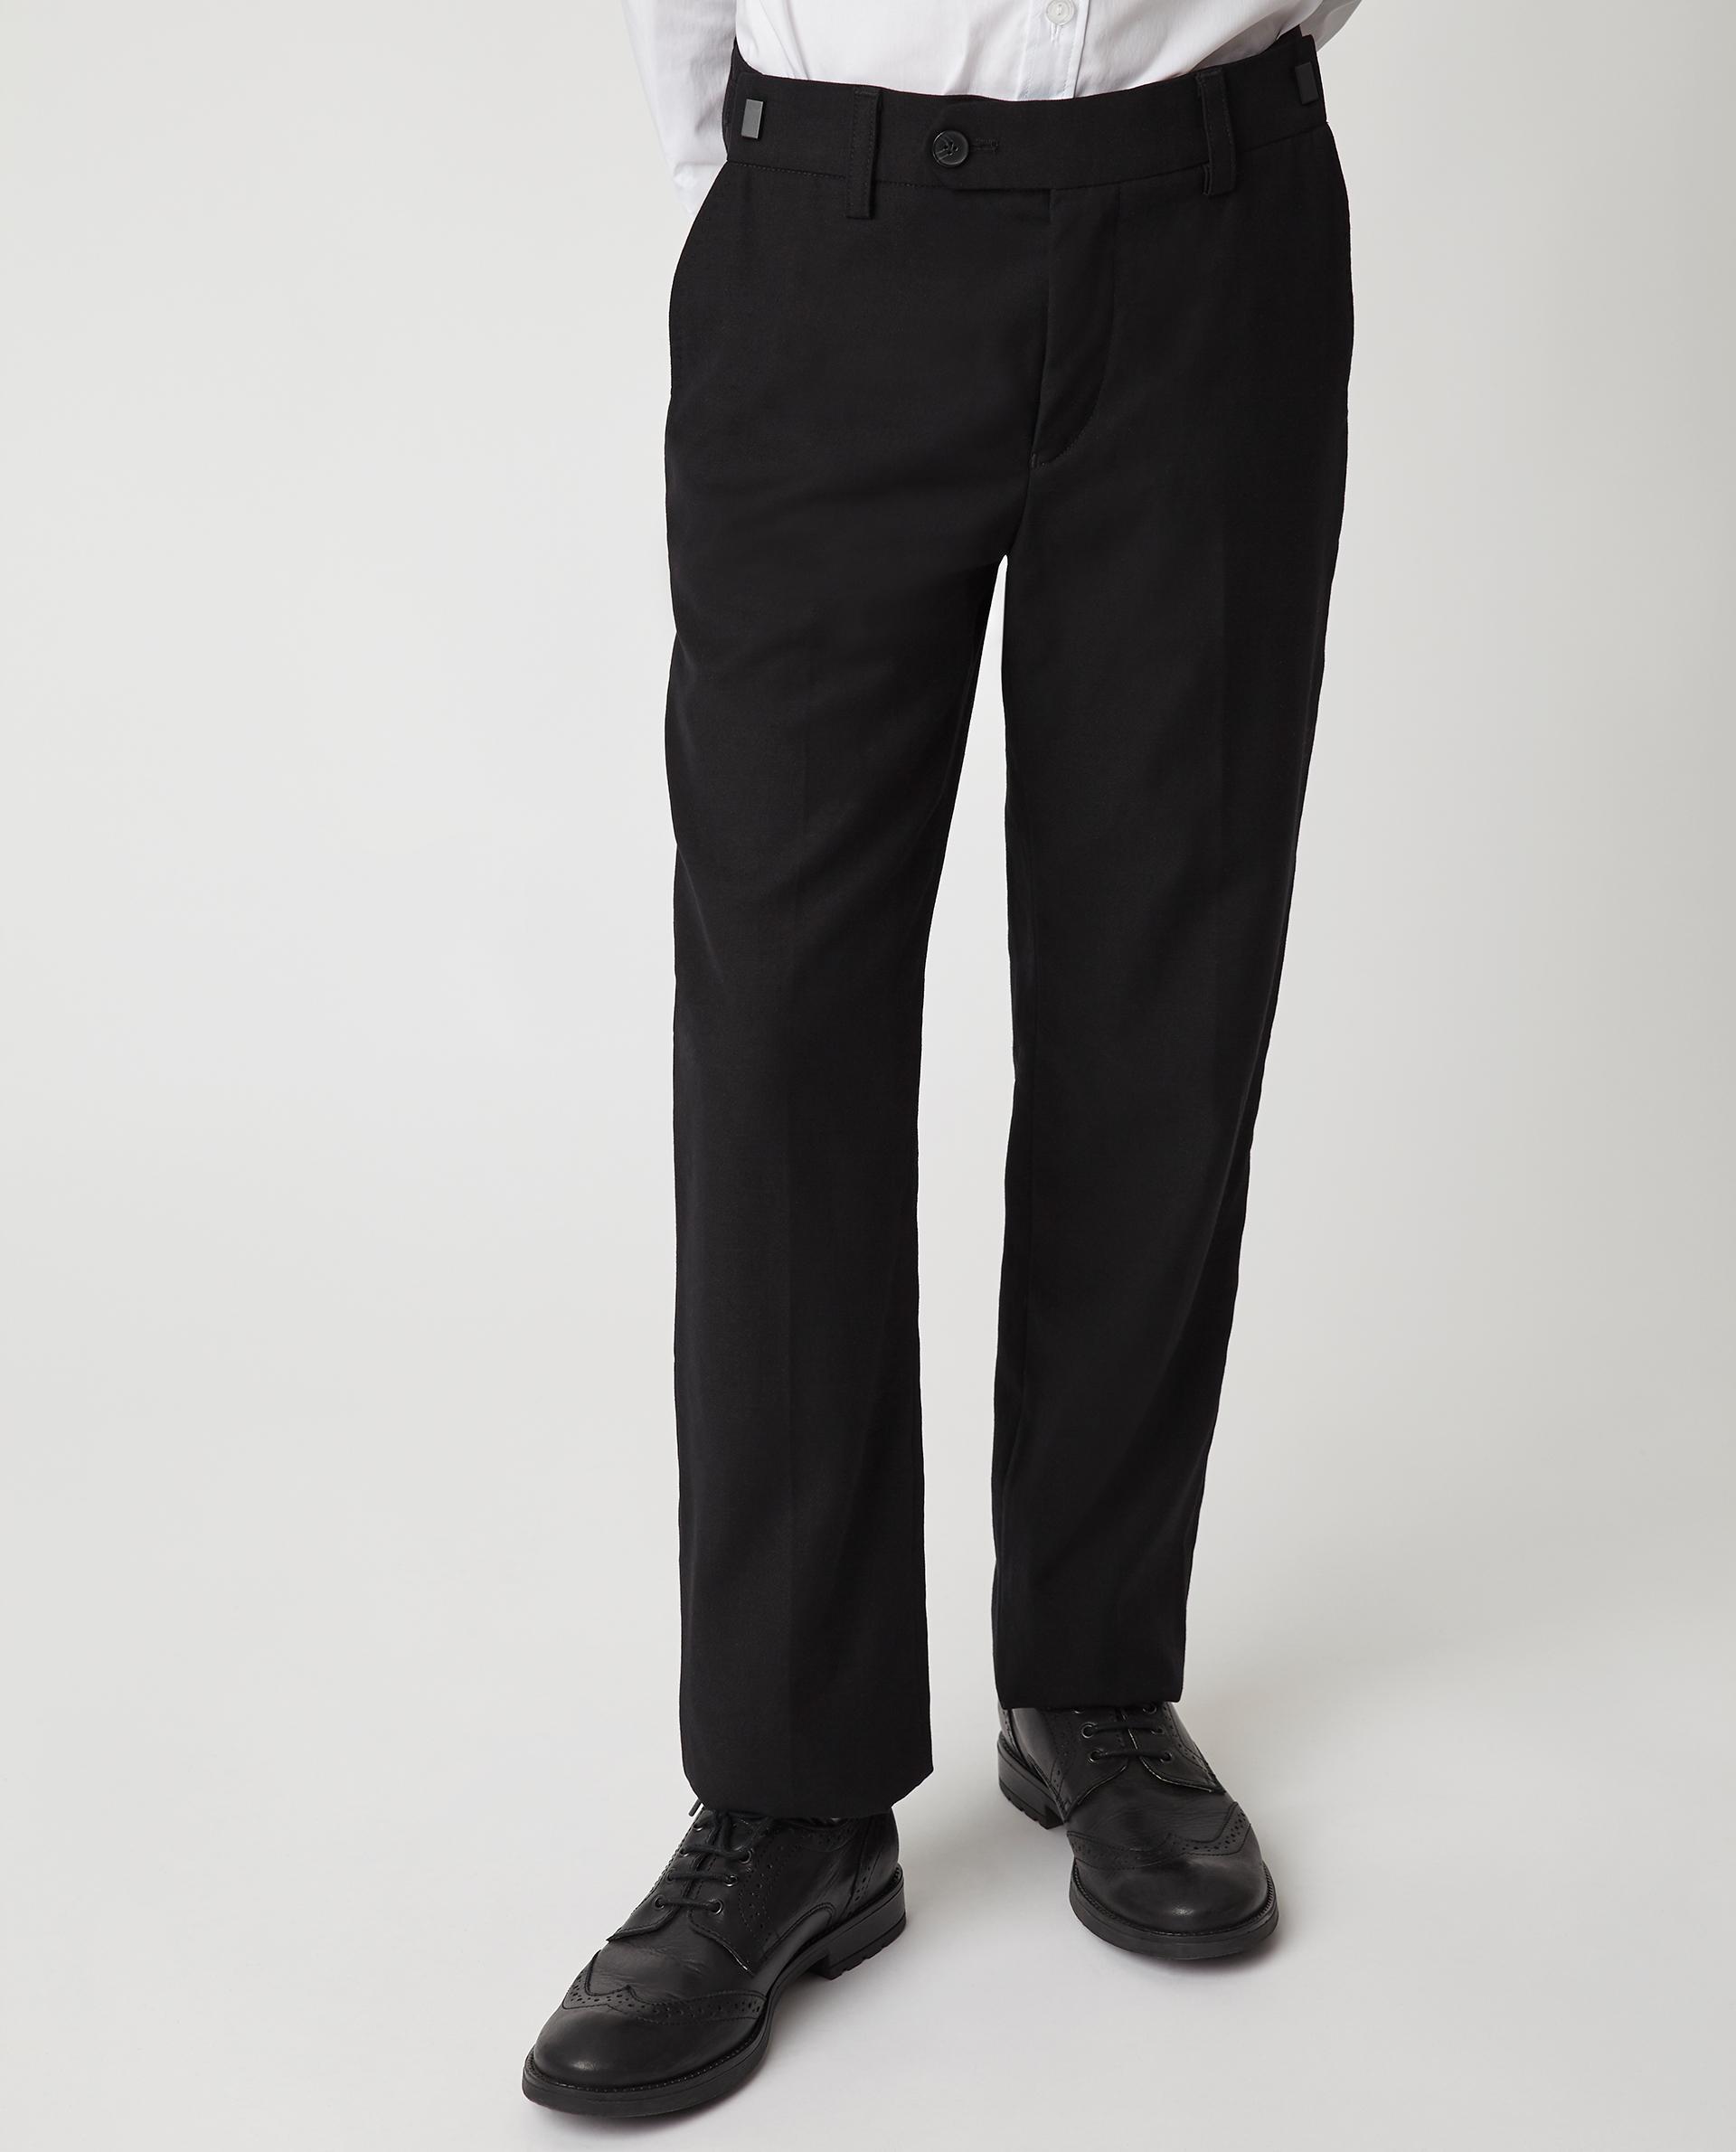 Купить 220GSBC6301, Черные брюки Gulliver, черный, 140, Мужской, Демисезон, ШКОЛЬНАЯ ФОРМА 2020-2021 (shop: GulliverMarket Gulliver Market)